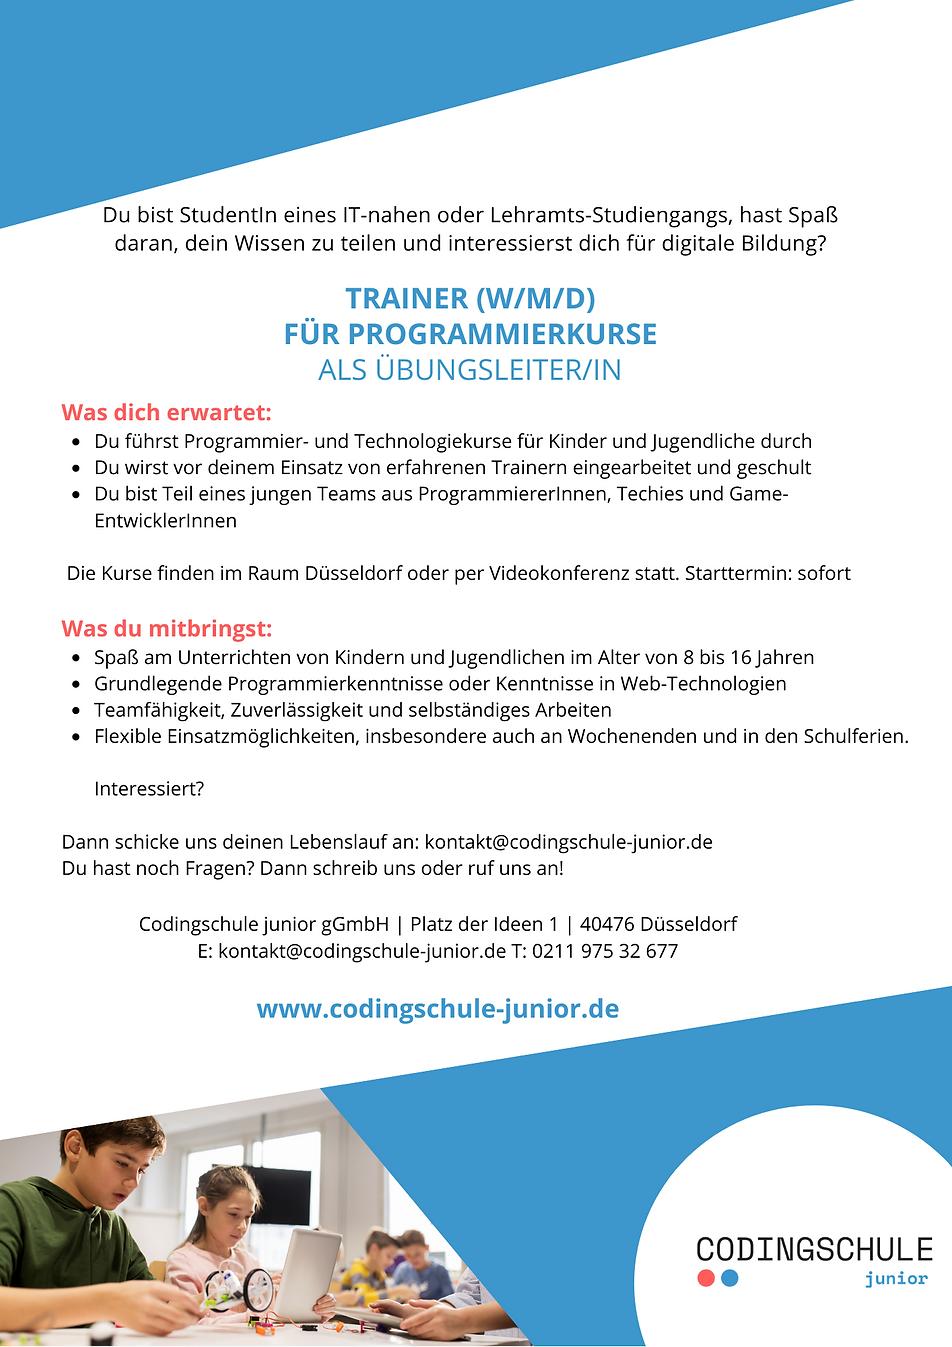 Ehrenamt_Trainer_(w_m_d)für_Programmier